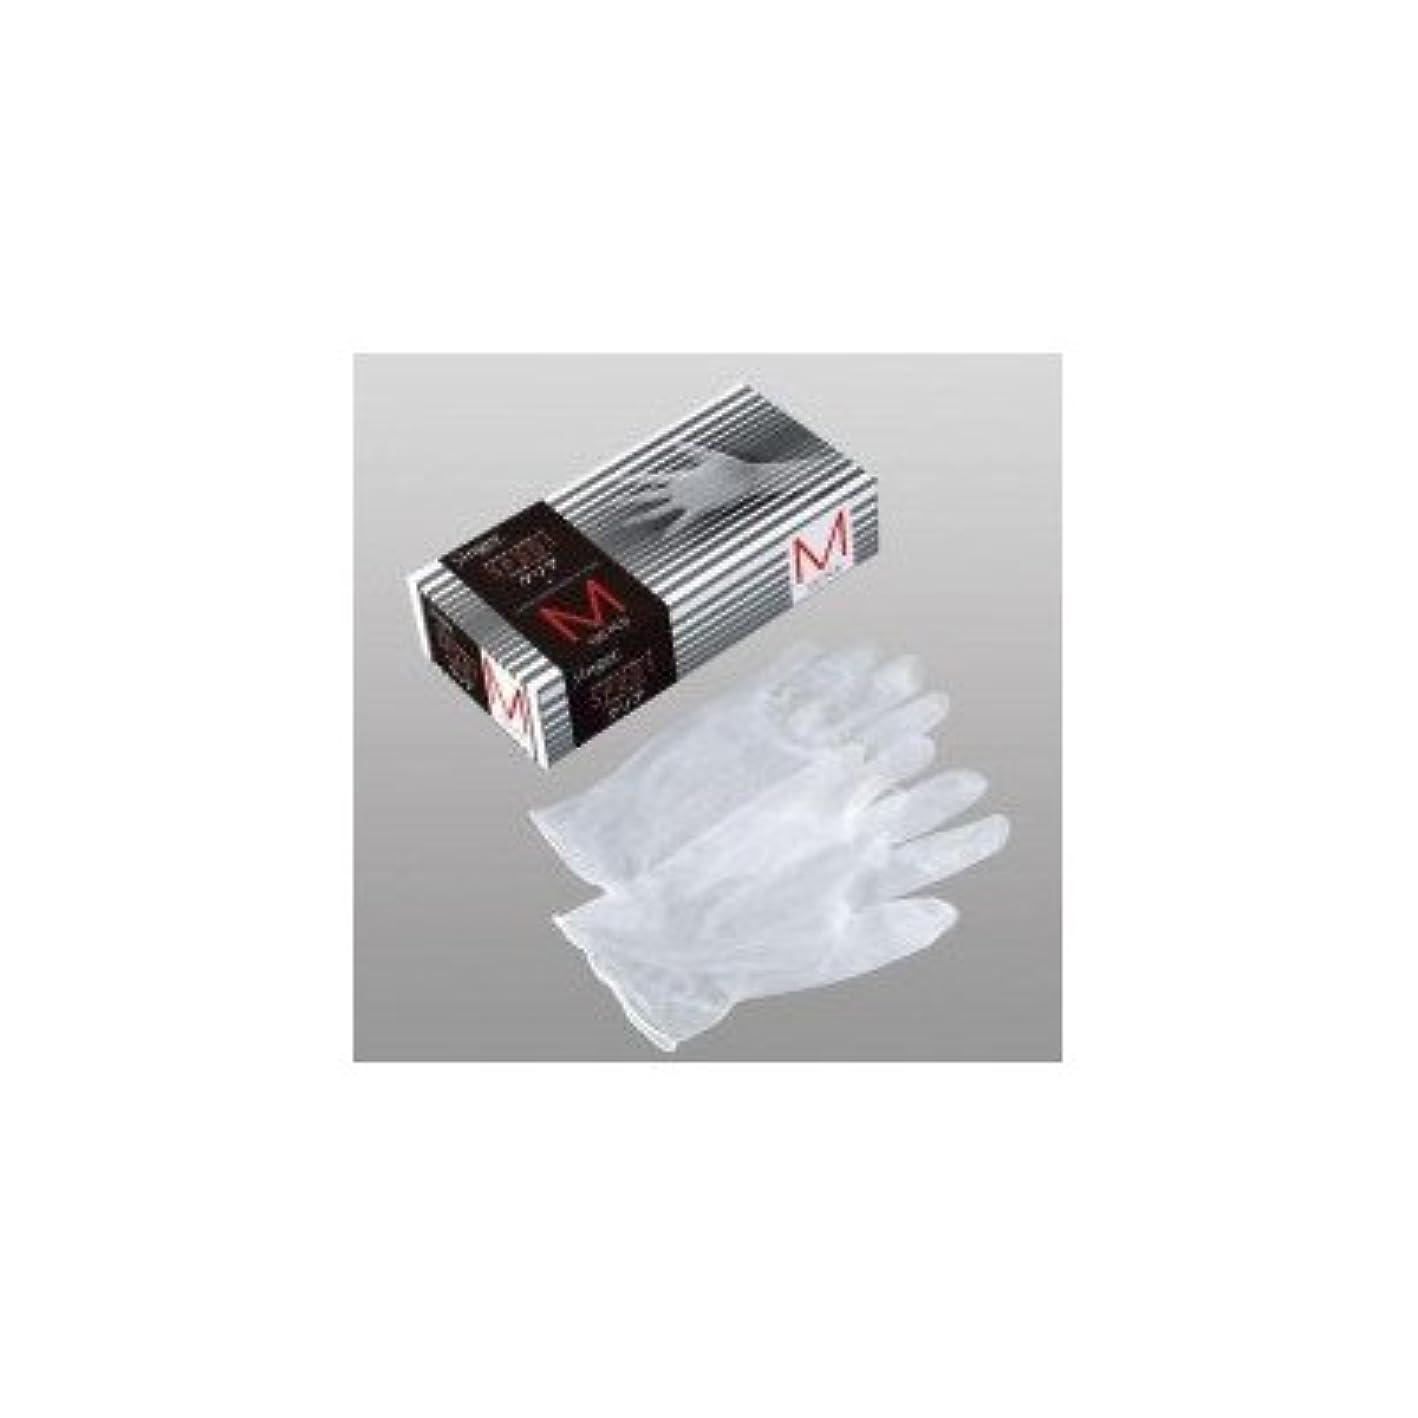 退却みなすレプリカシンガープラスチックグローブ(手袋) SP201 パウダーフリー クリアー(100枚) S( 画像はイメージ画像です お届けの商品はSのみとなります)